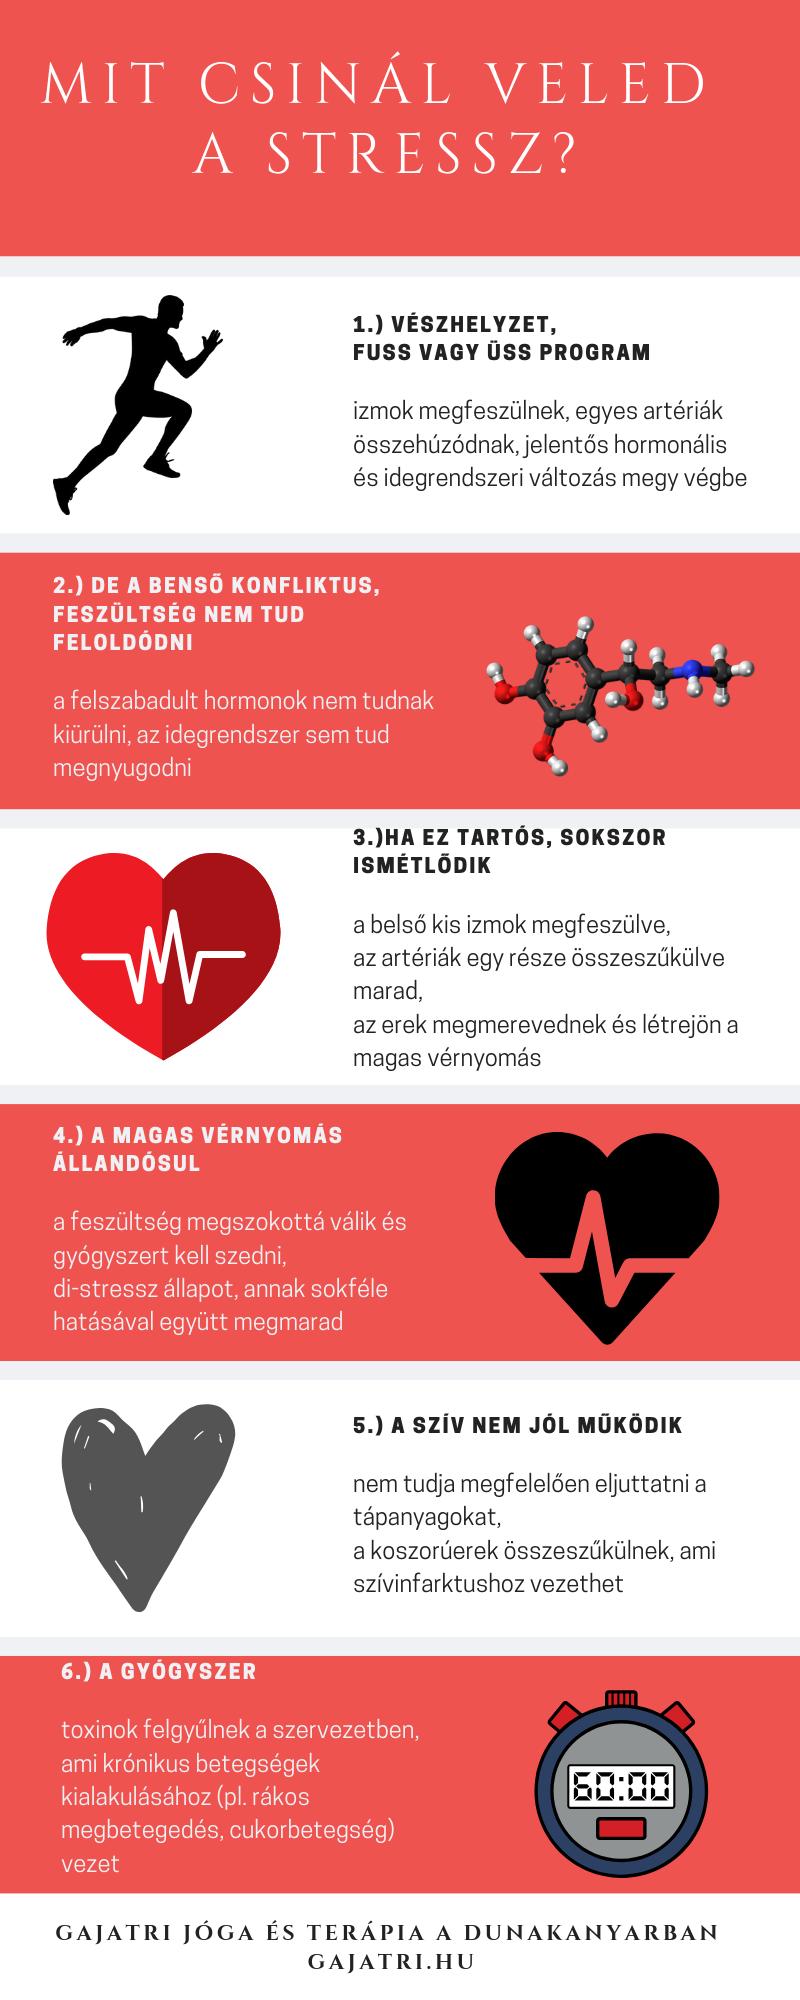 másodfokú magas vérnyomás és fogyatékosság hagyományos orvoslás - magas vérnyomás kezelése népi gyógymódokkal